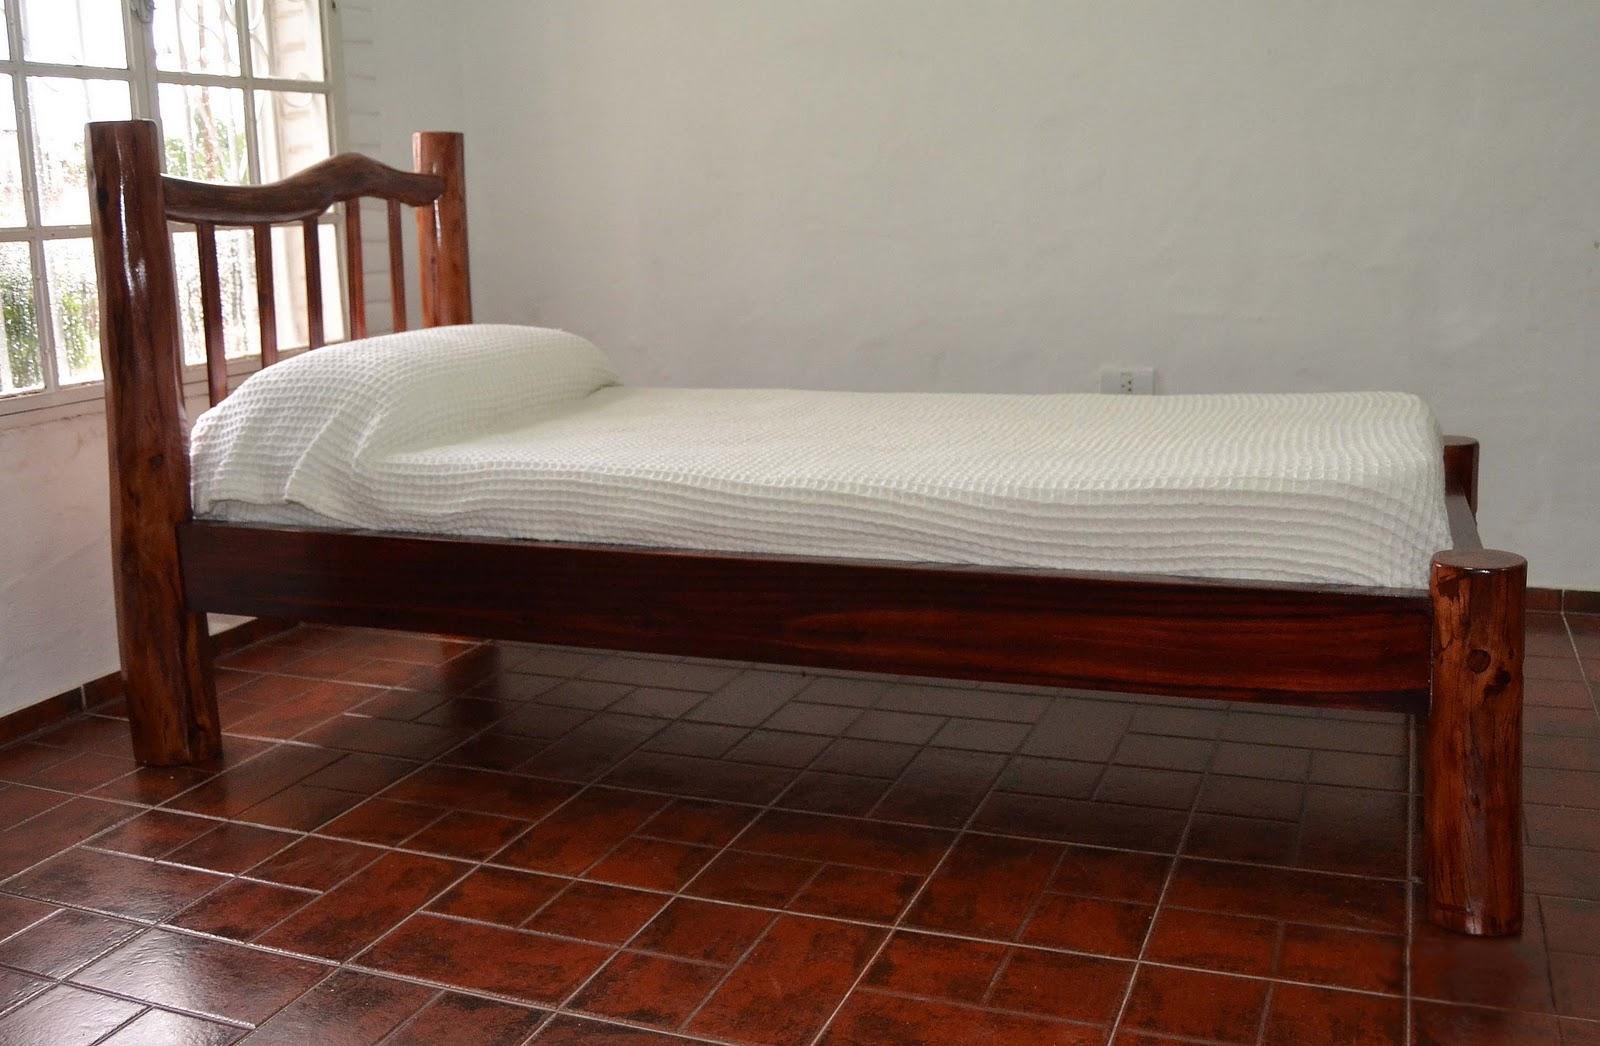 Muebles de quebracho colorado for Medida estandar cama individual